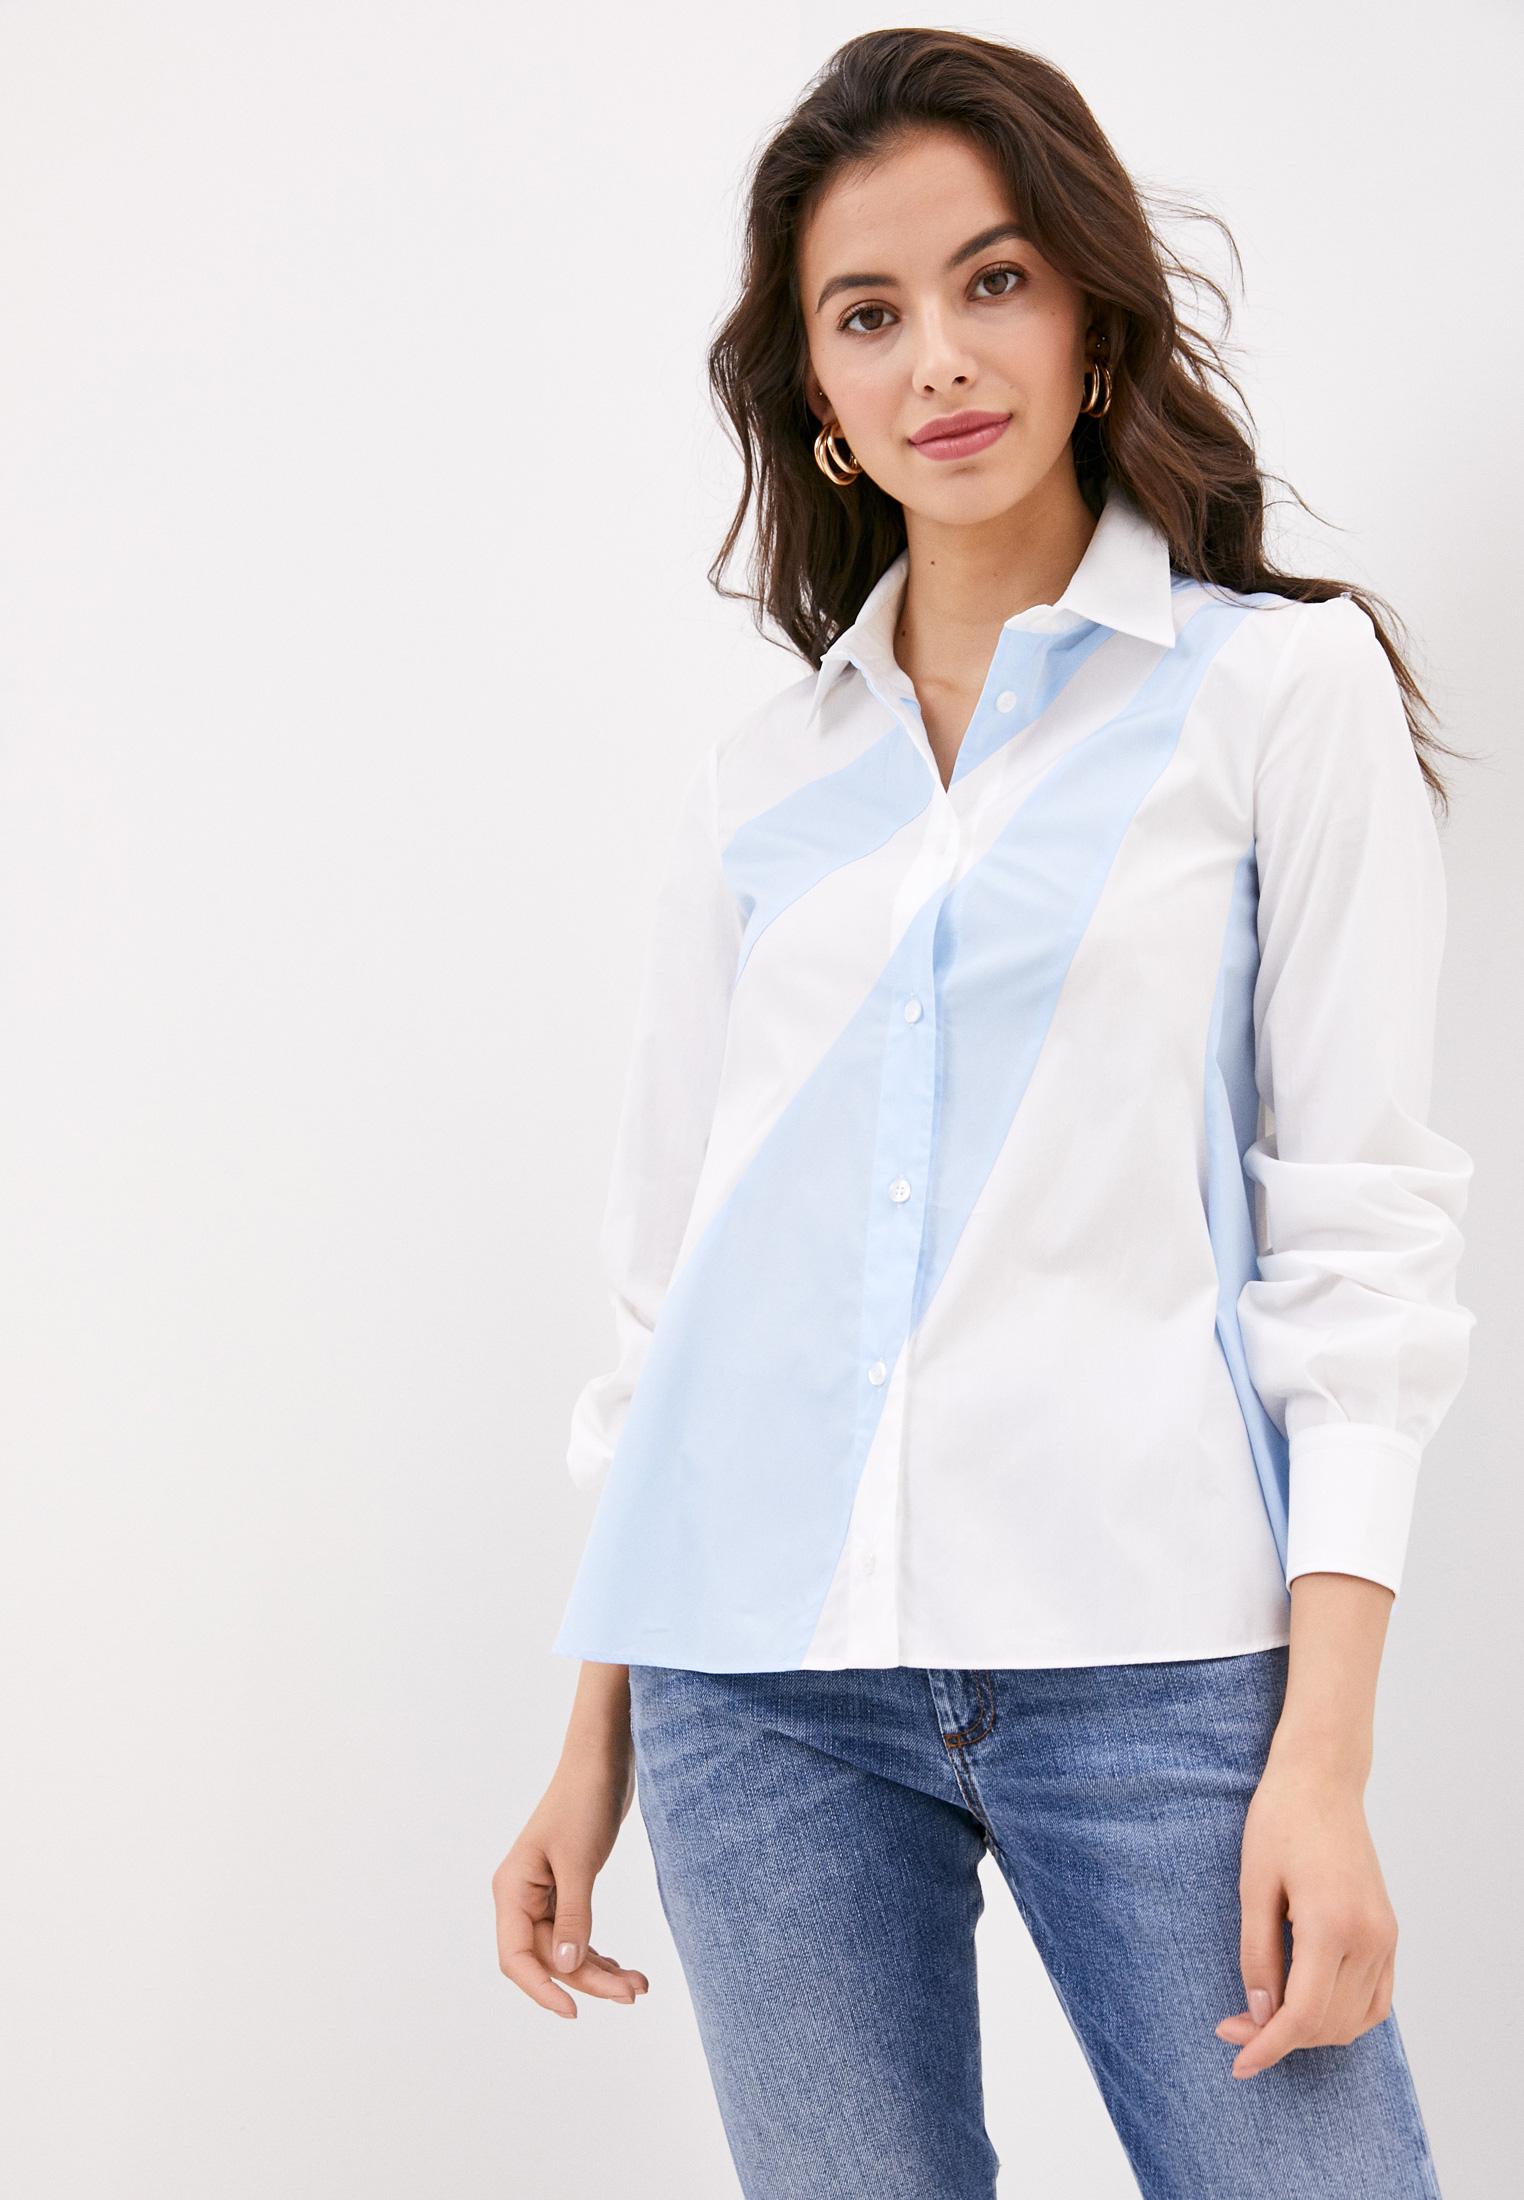 Женские рубашки с длинным рукавом Sportmax Code 7111040406